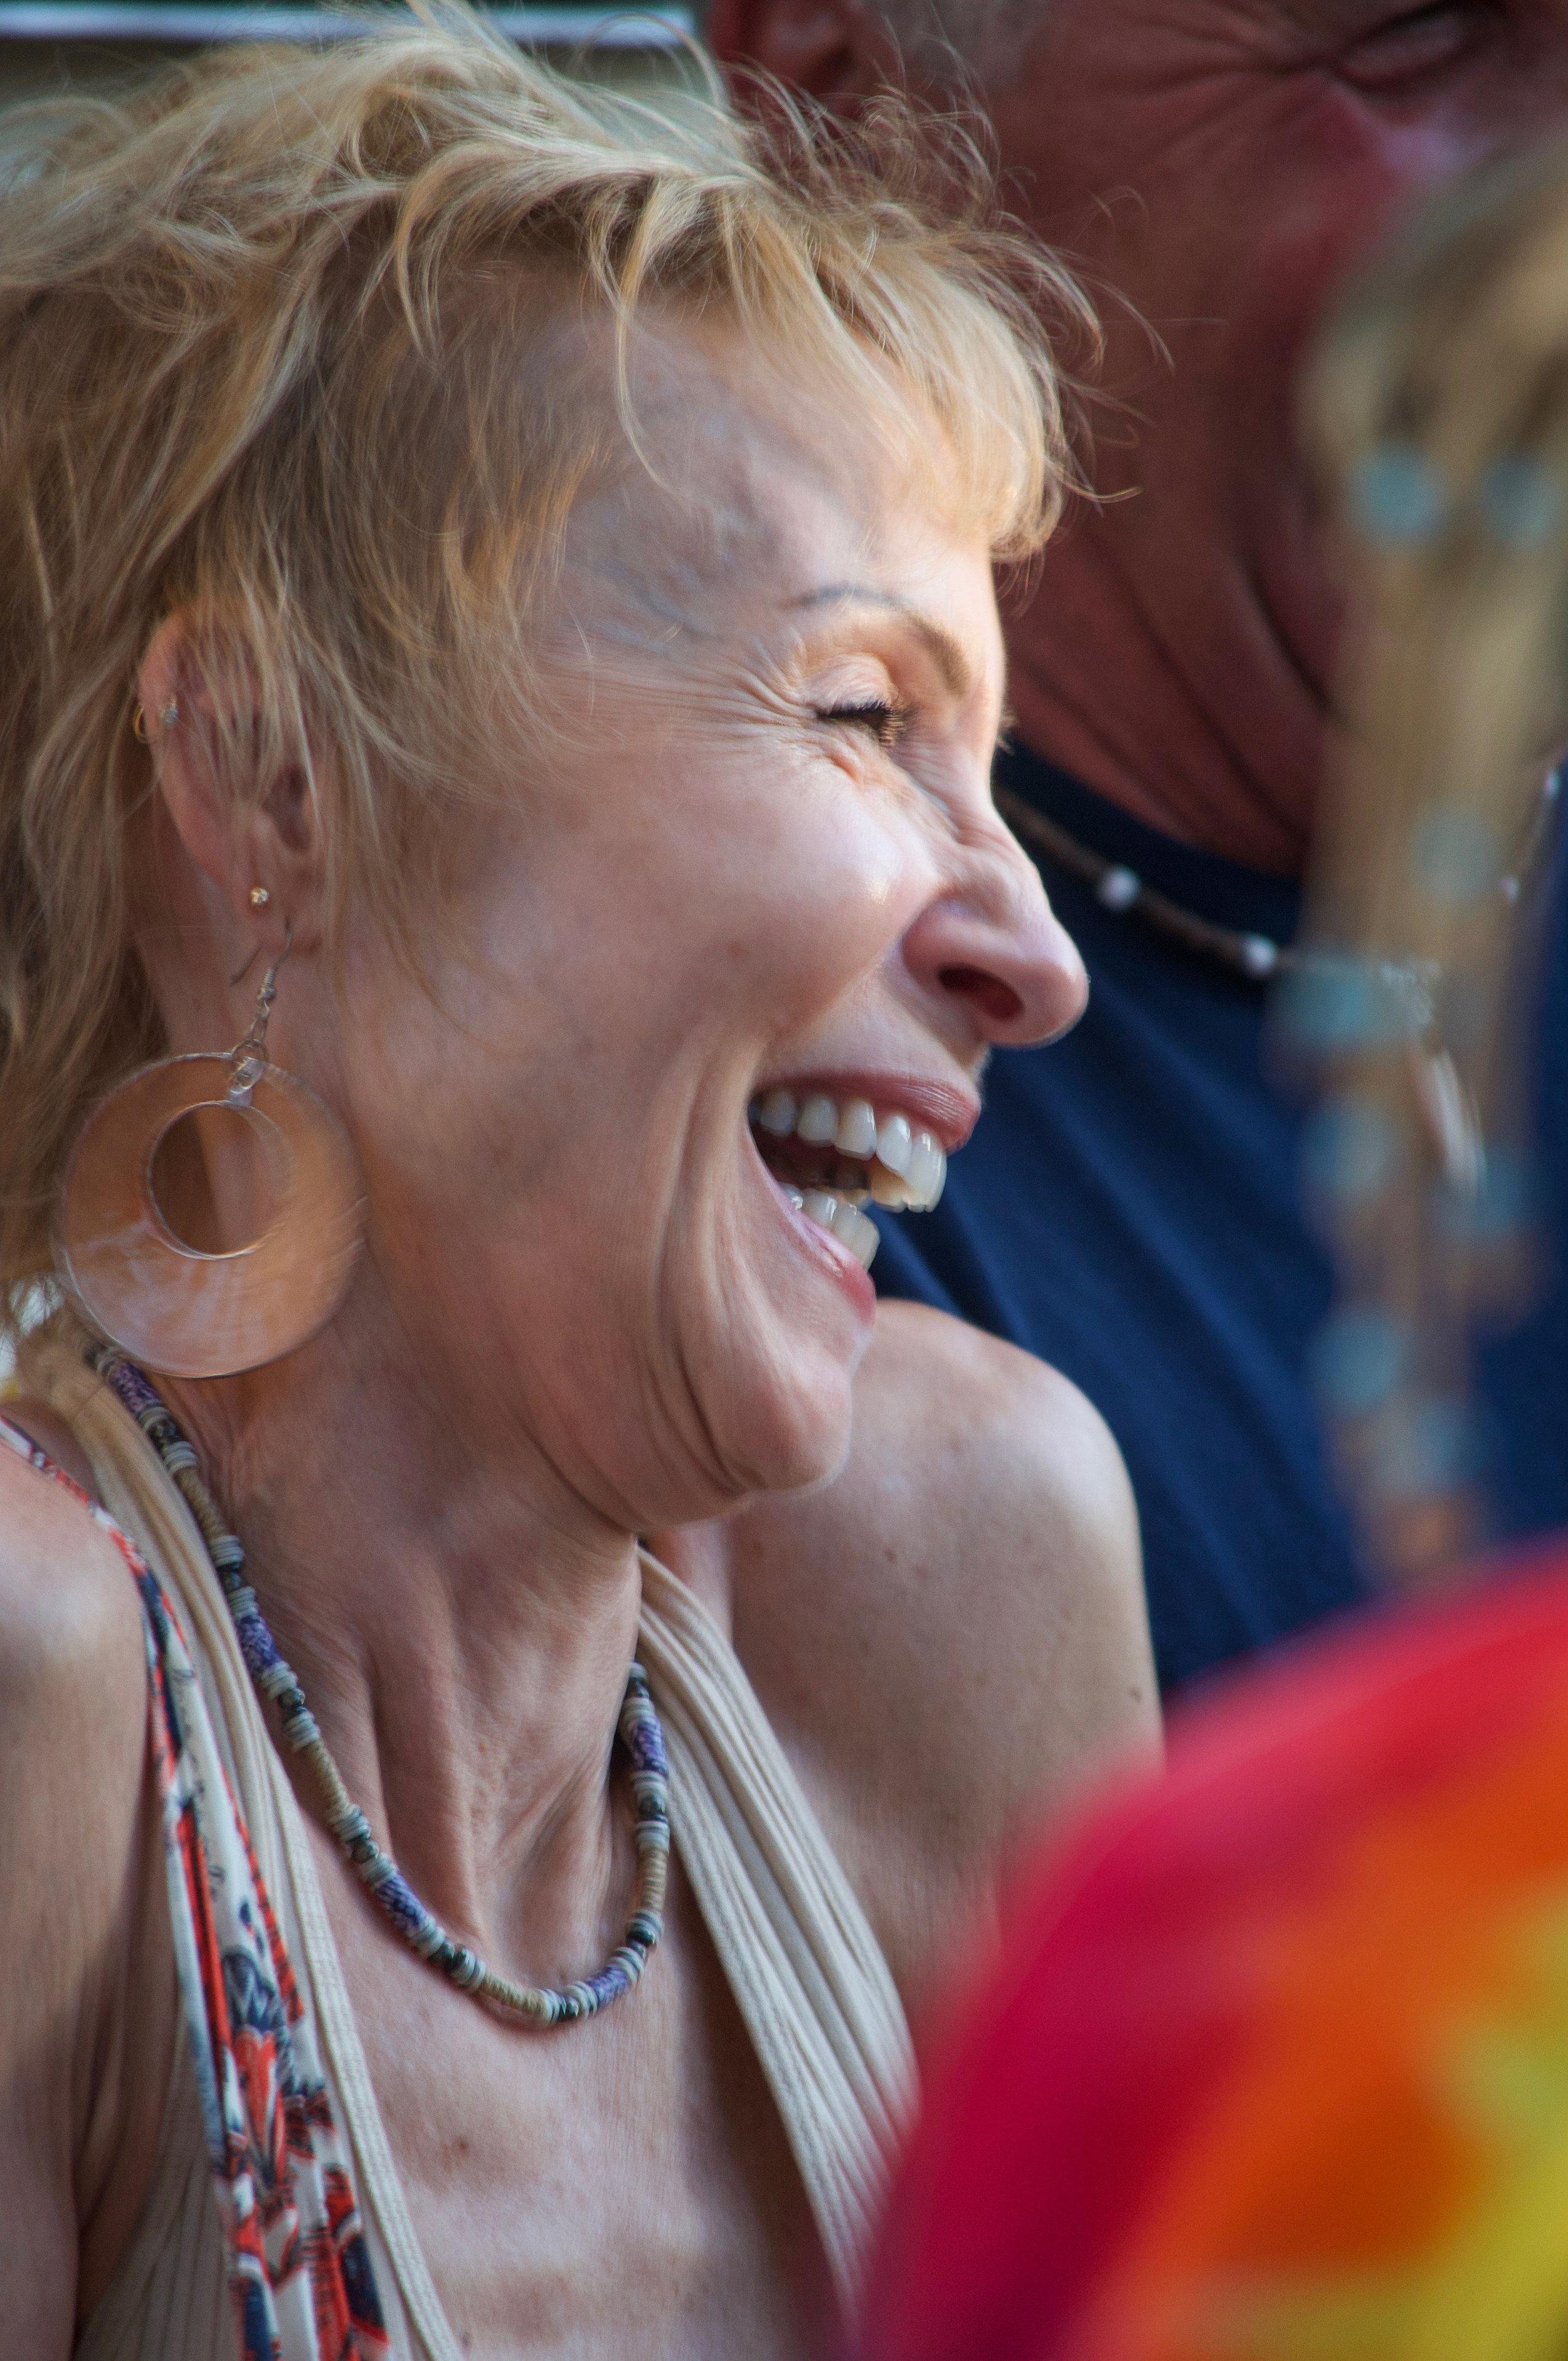 @ Woodstock 2019_woman laughing.jpg